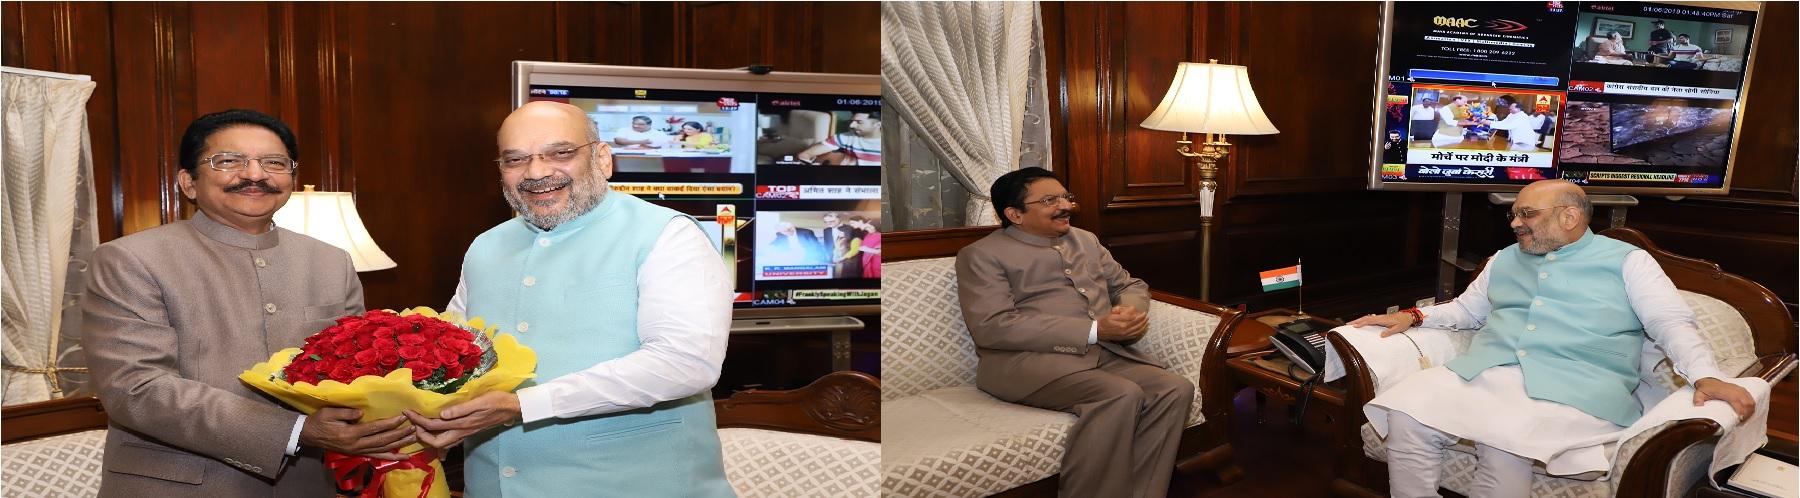 श्री विद्यासागर रॉव, राज्यपाल, महाराष्ट्र  01 जून, 2019 को नई दिल्ली में श्री अमित शाह, केन्द्रीय गृह मंत्री से मुलाकात करते हुए।